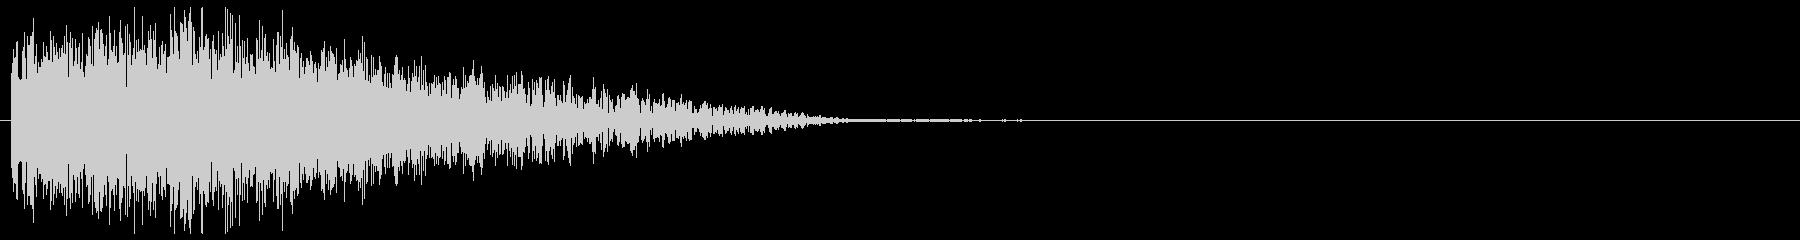 自機の消滅・特殊な爆発音#10の未再生の波形